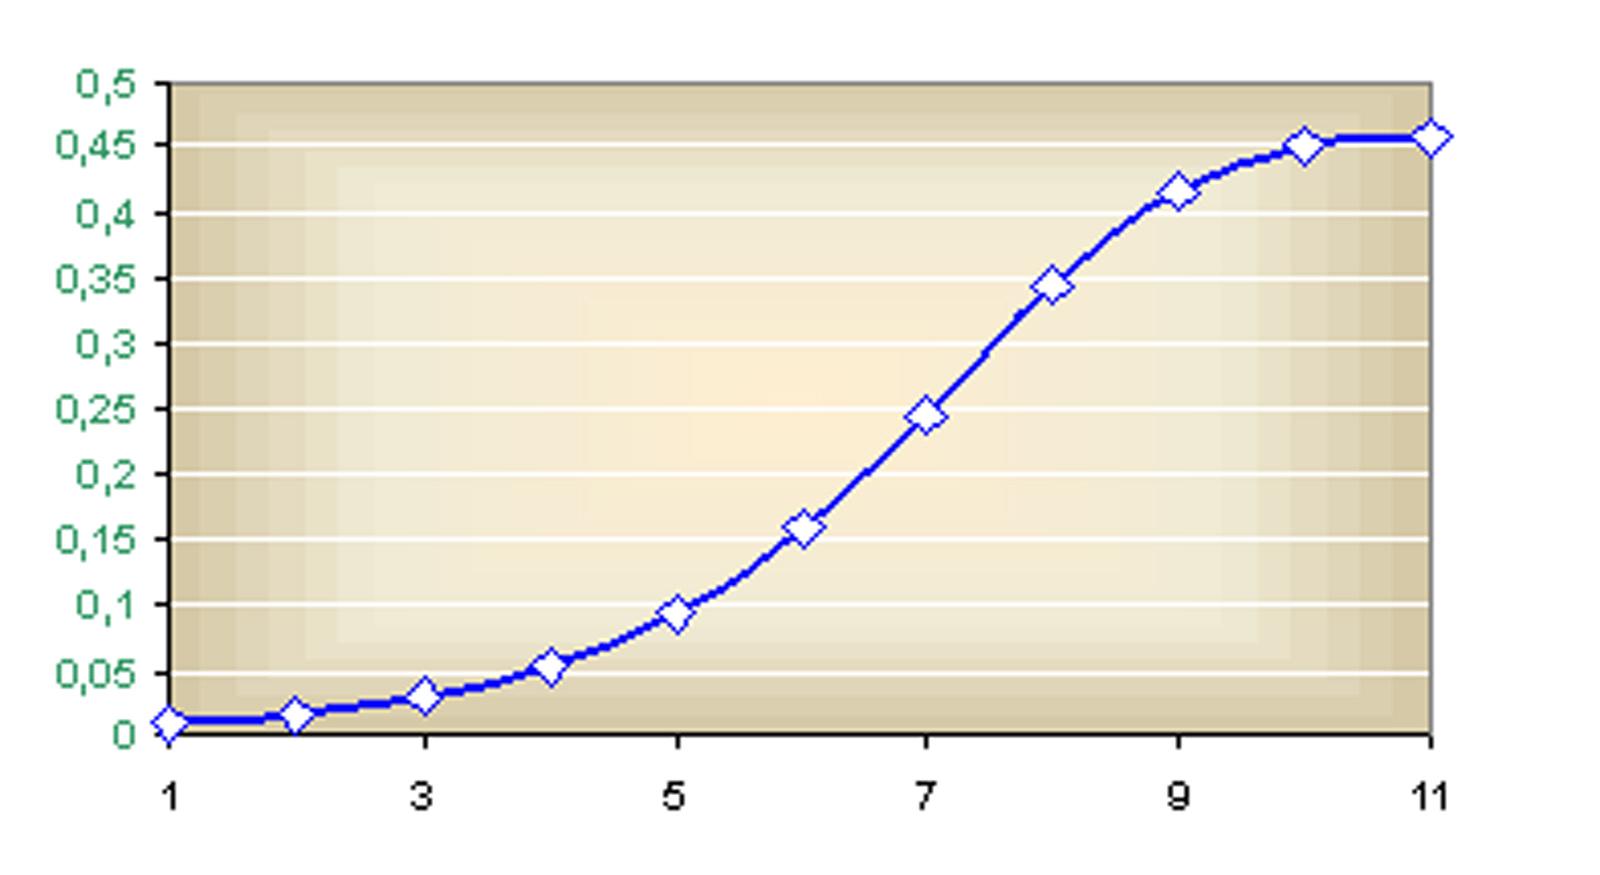 Logisztikus növekedés az elemek számított értéke alapján 7c080a0717